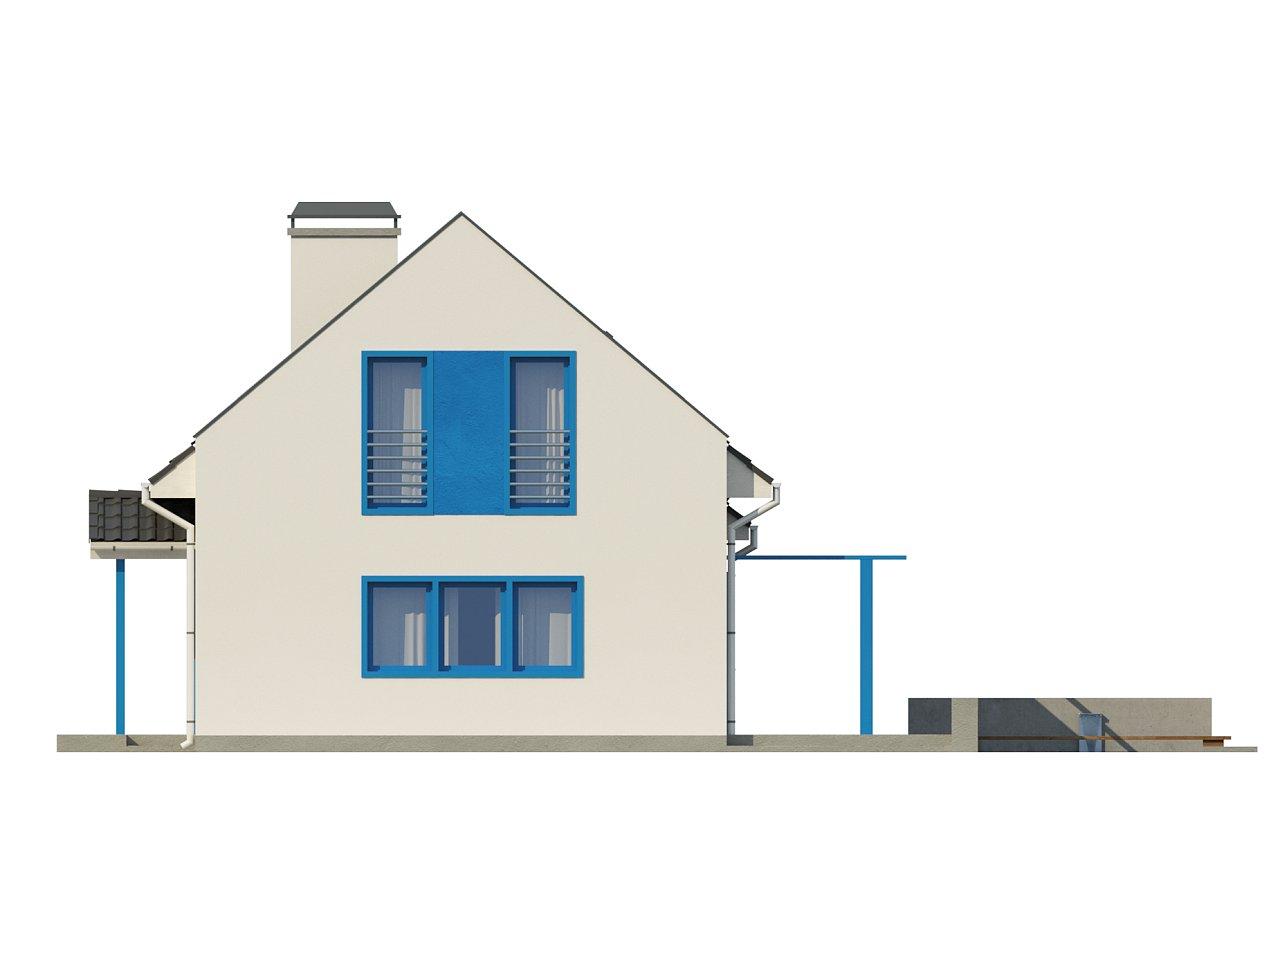 Компактный дом с гаражом для одной машины, с большими окнами в гостиной. 16